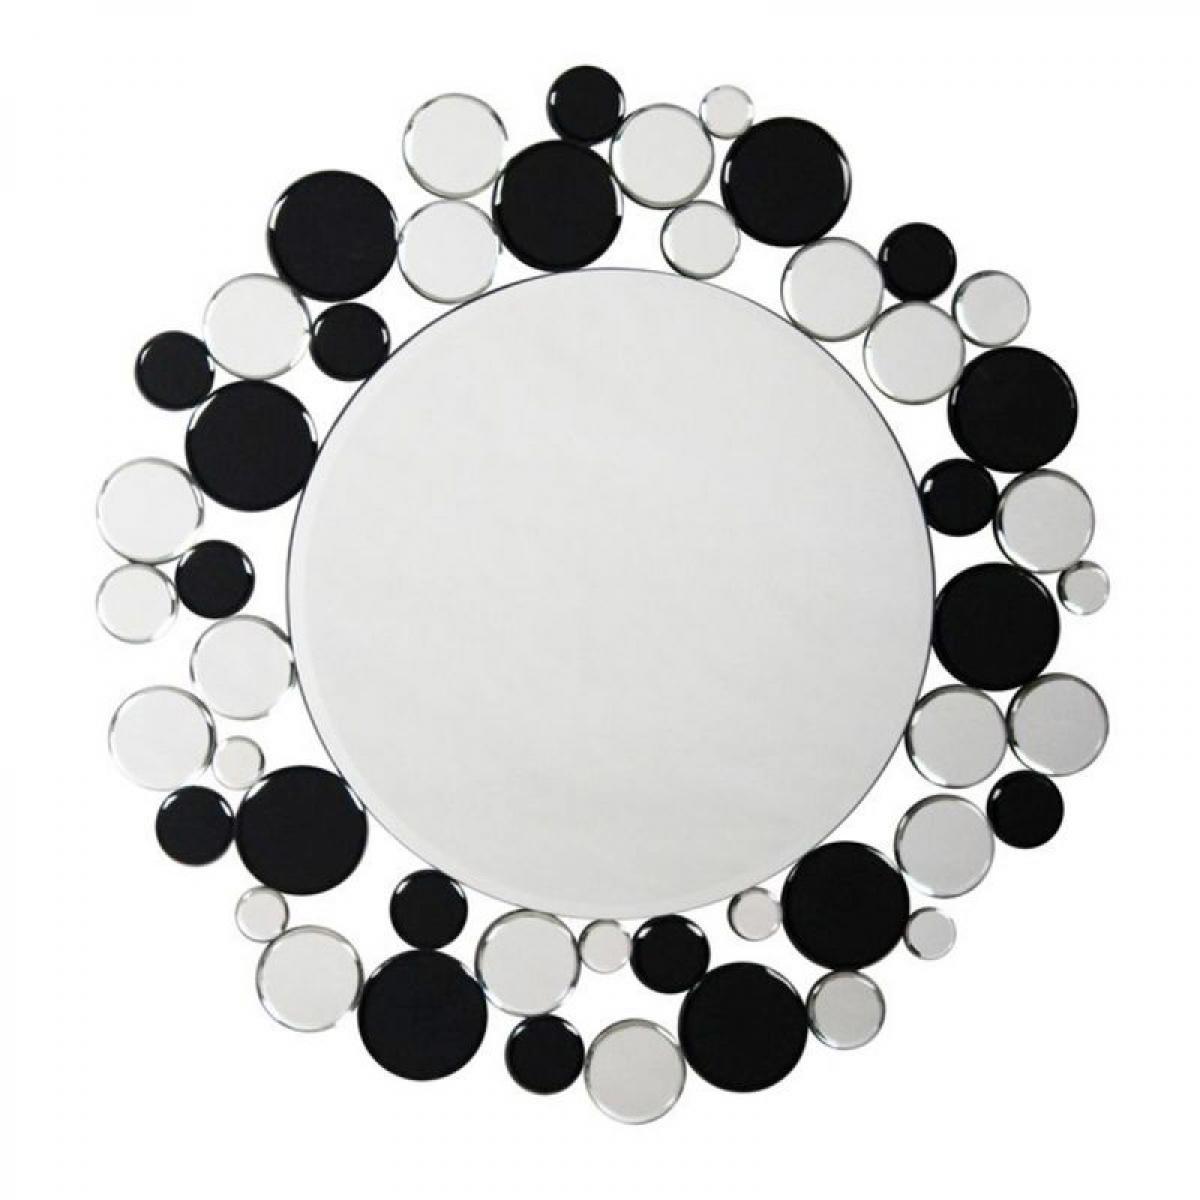 Paris Prix Miroir Mural Design Bubble 80cm Argent & Noir